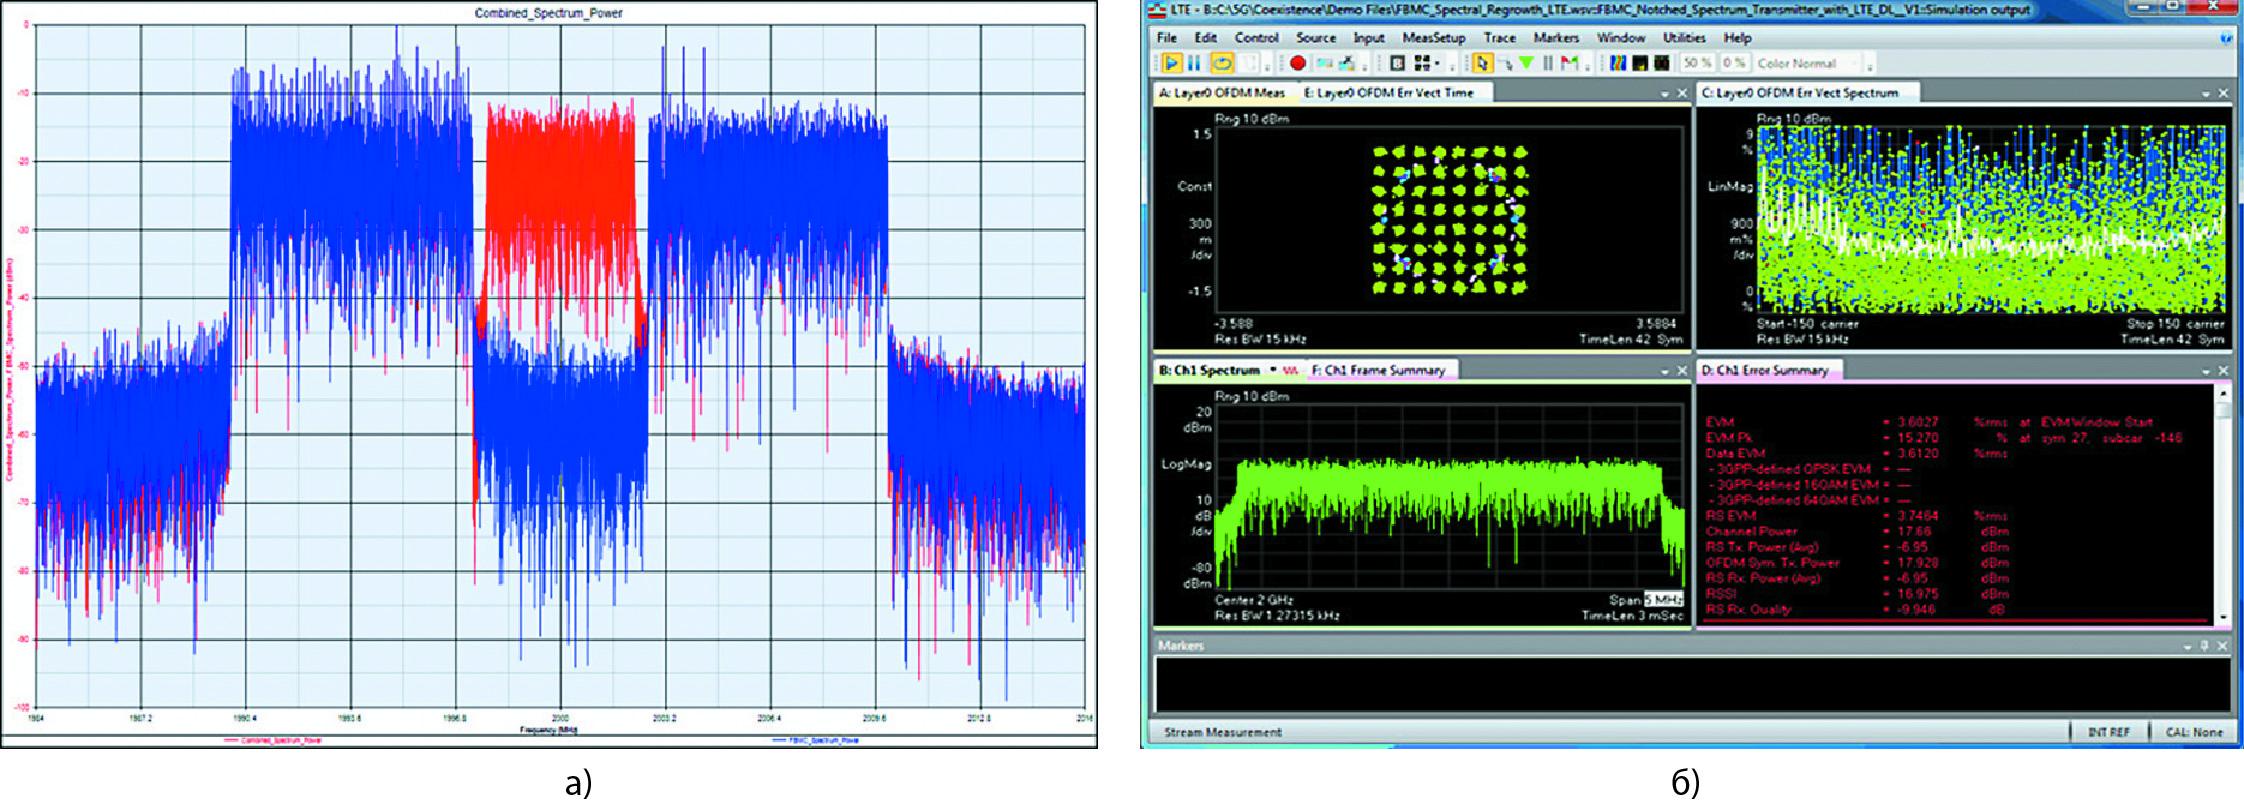 Сдвиг точки сжатия 1 дБ до уровня мощности 27 дБм влияет на сосуществование сигналов и вызывает видимое снижение производительности